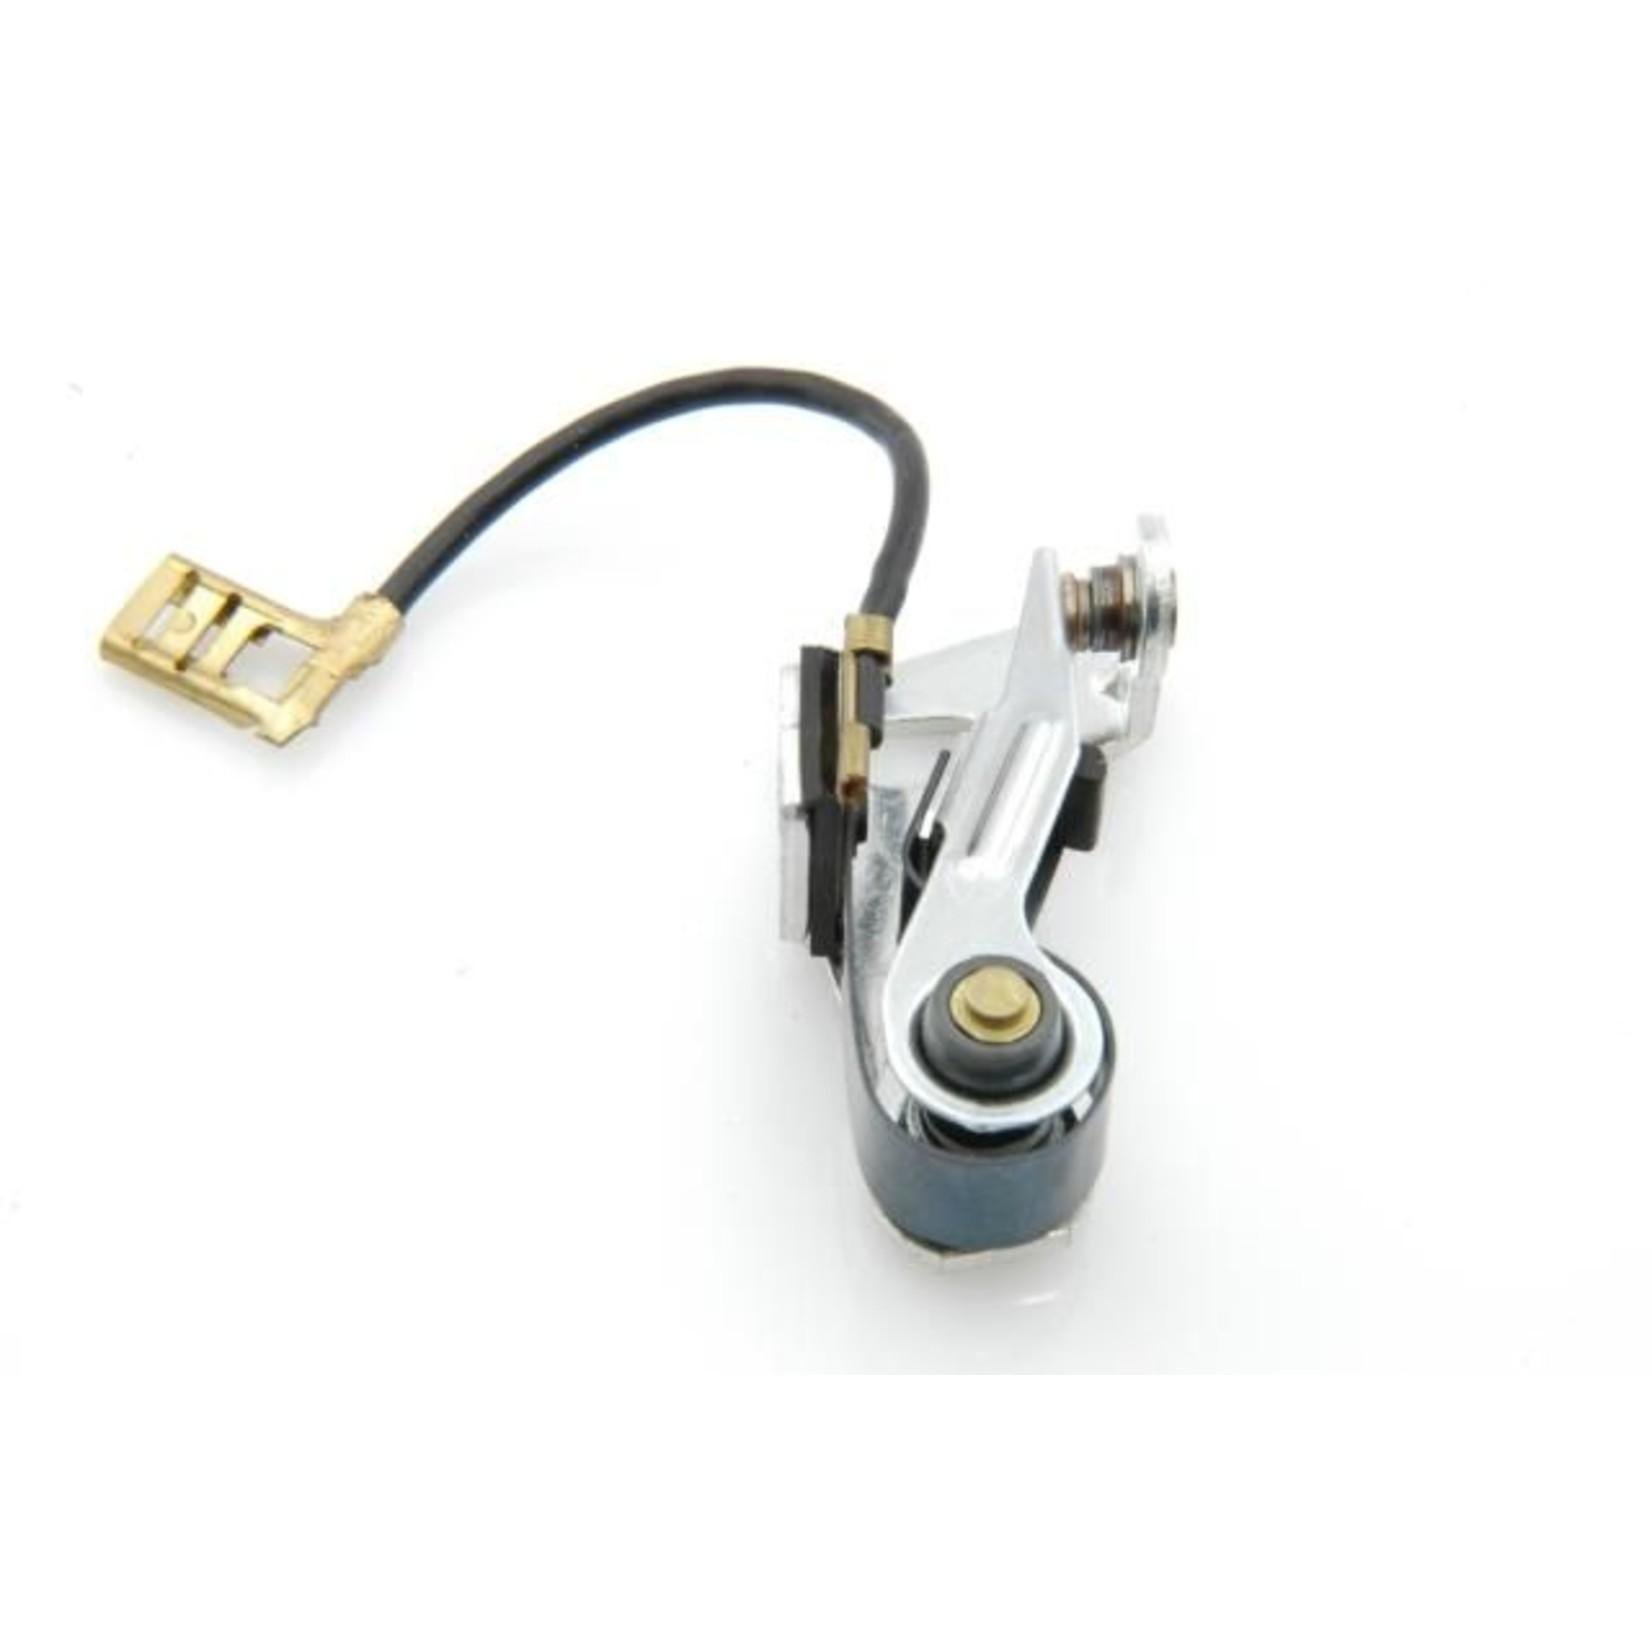 Rupteur Bosch Nr Org: DX211212A